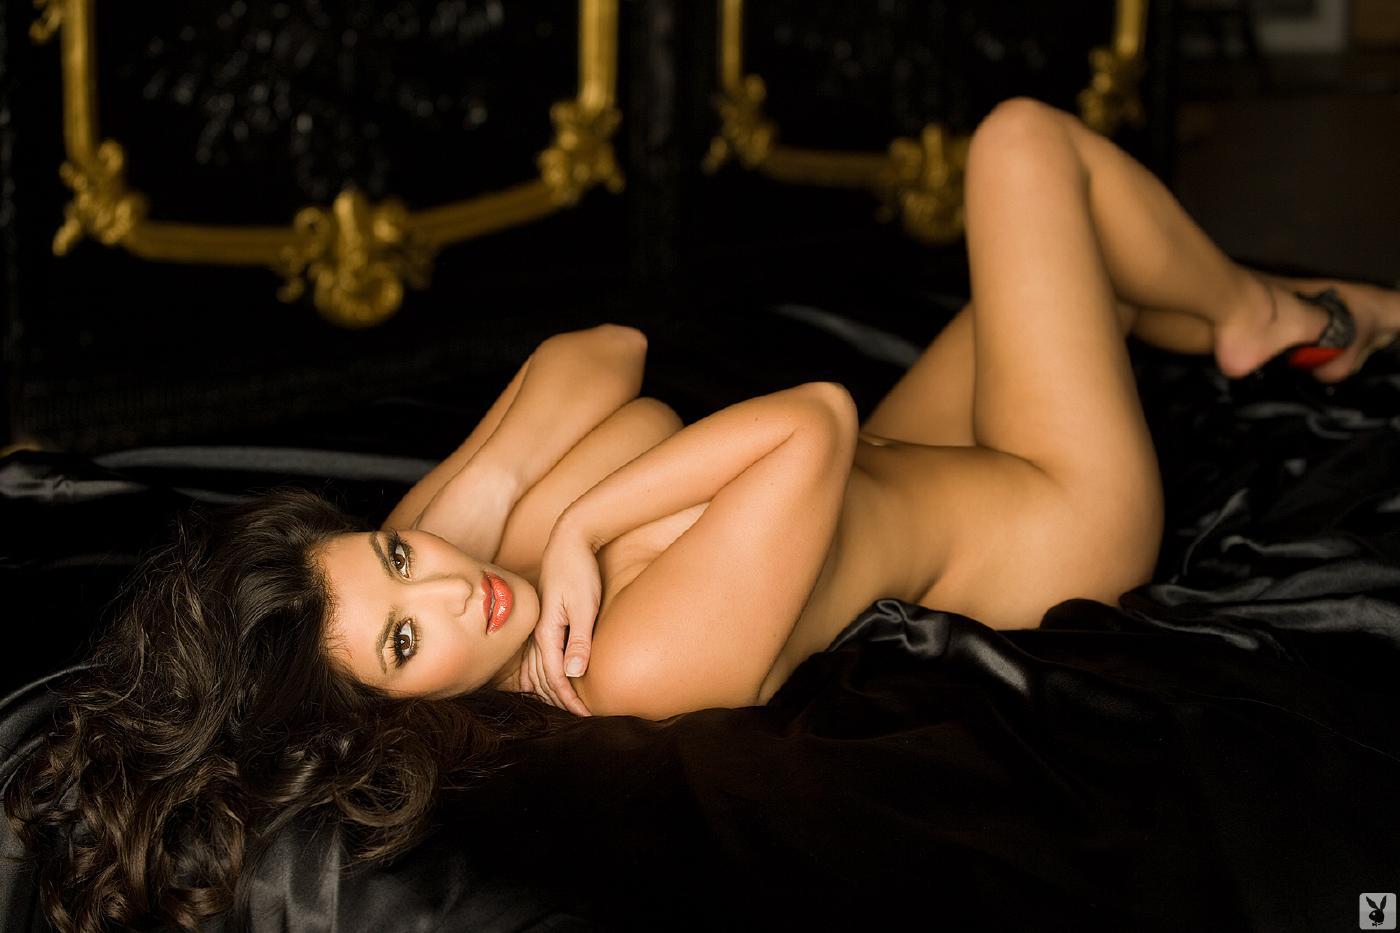 Kim Kardashian Playboy Nude Photoshoot Leaked 0006